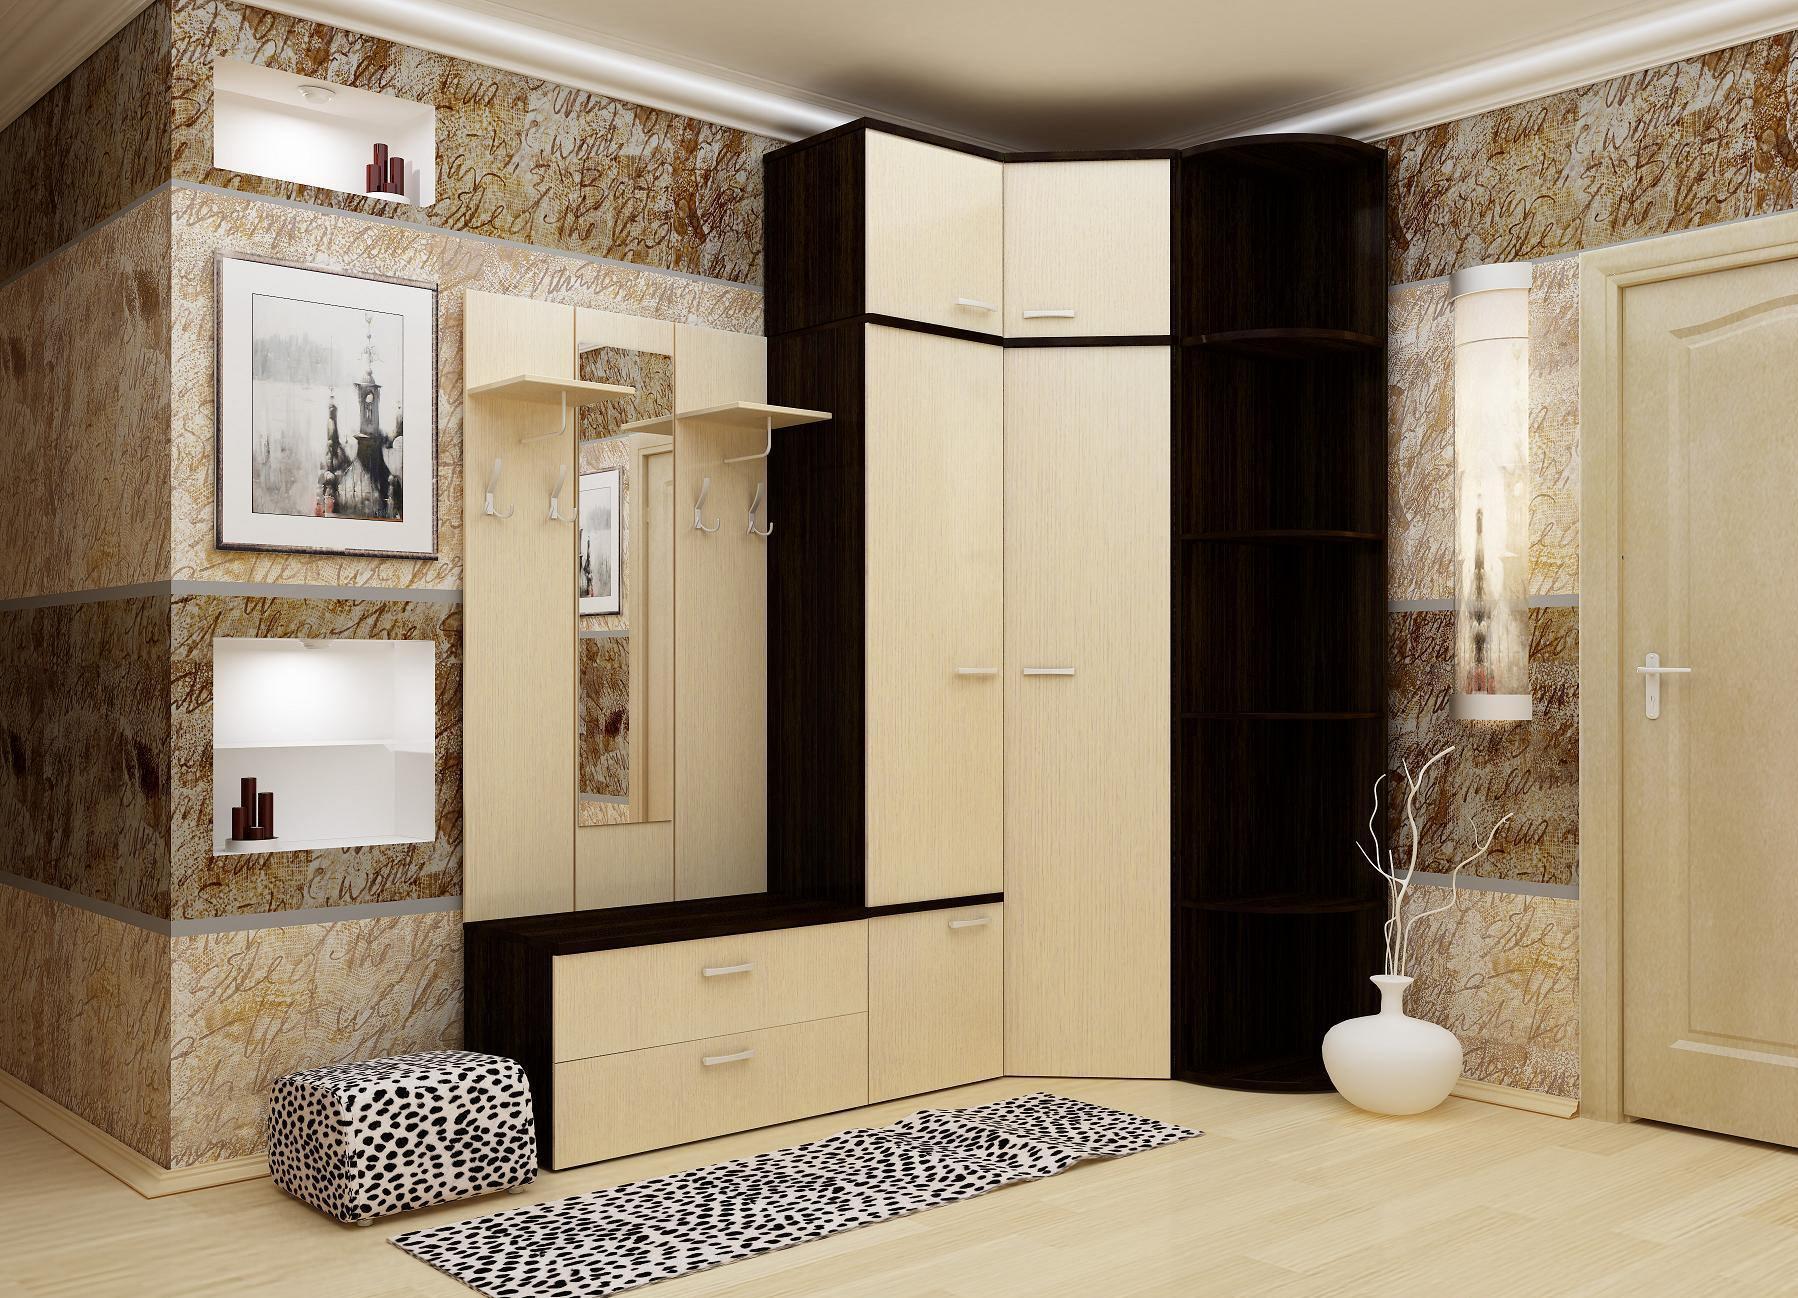 дизайн интерьера прихожей в квартире в ярких тонах